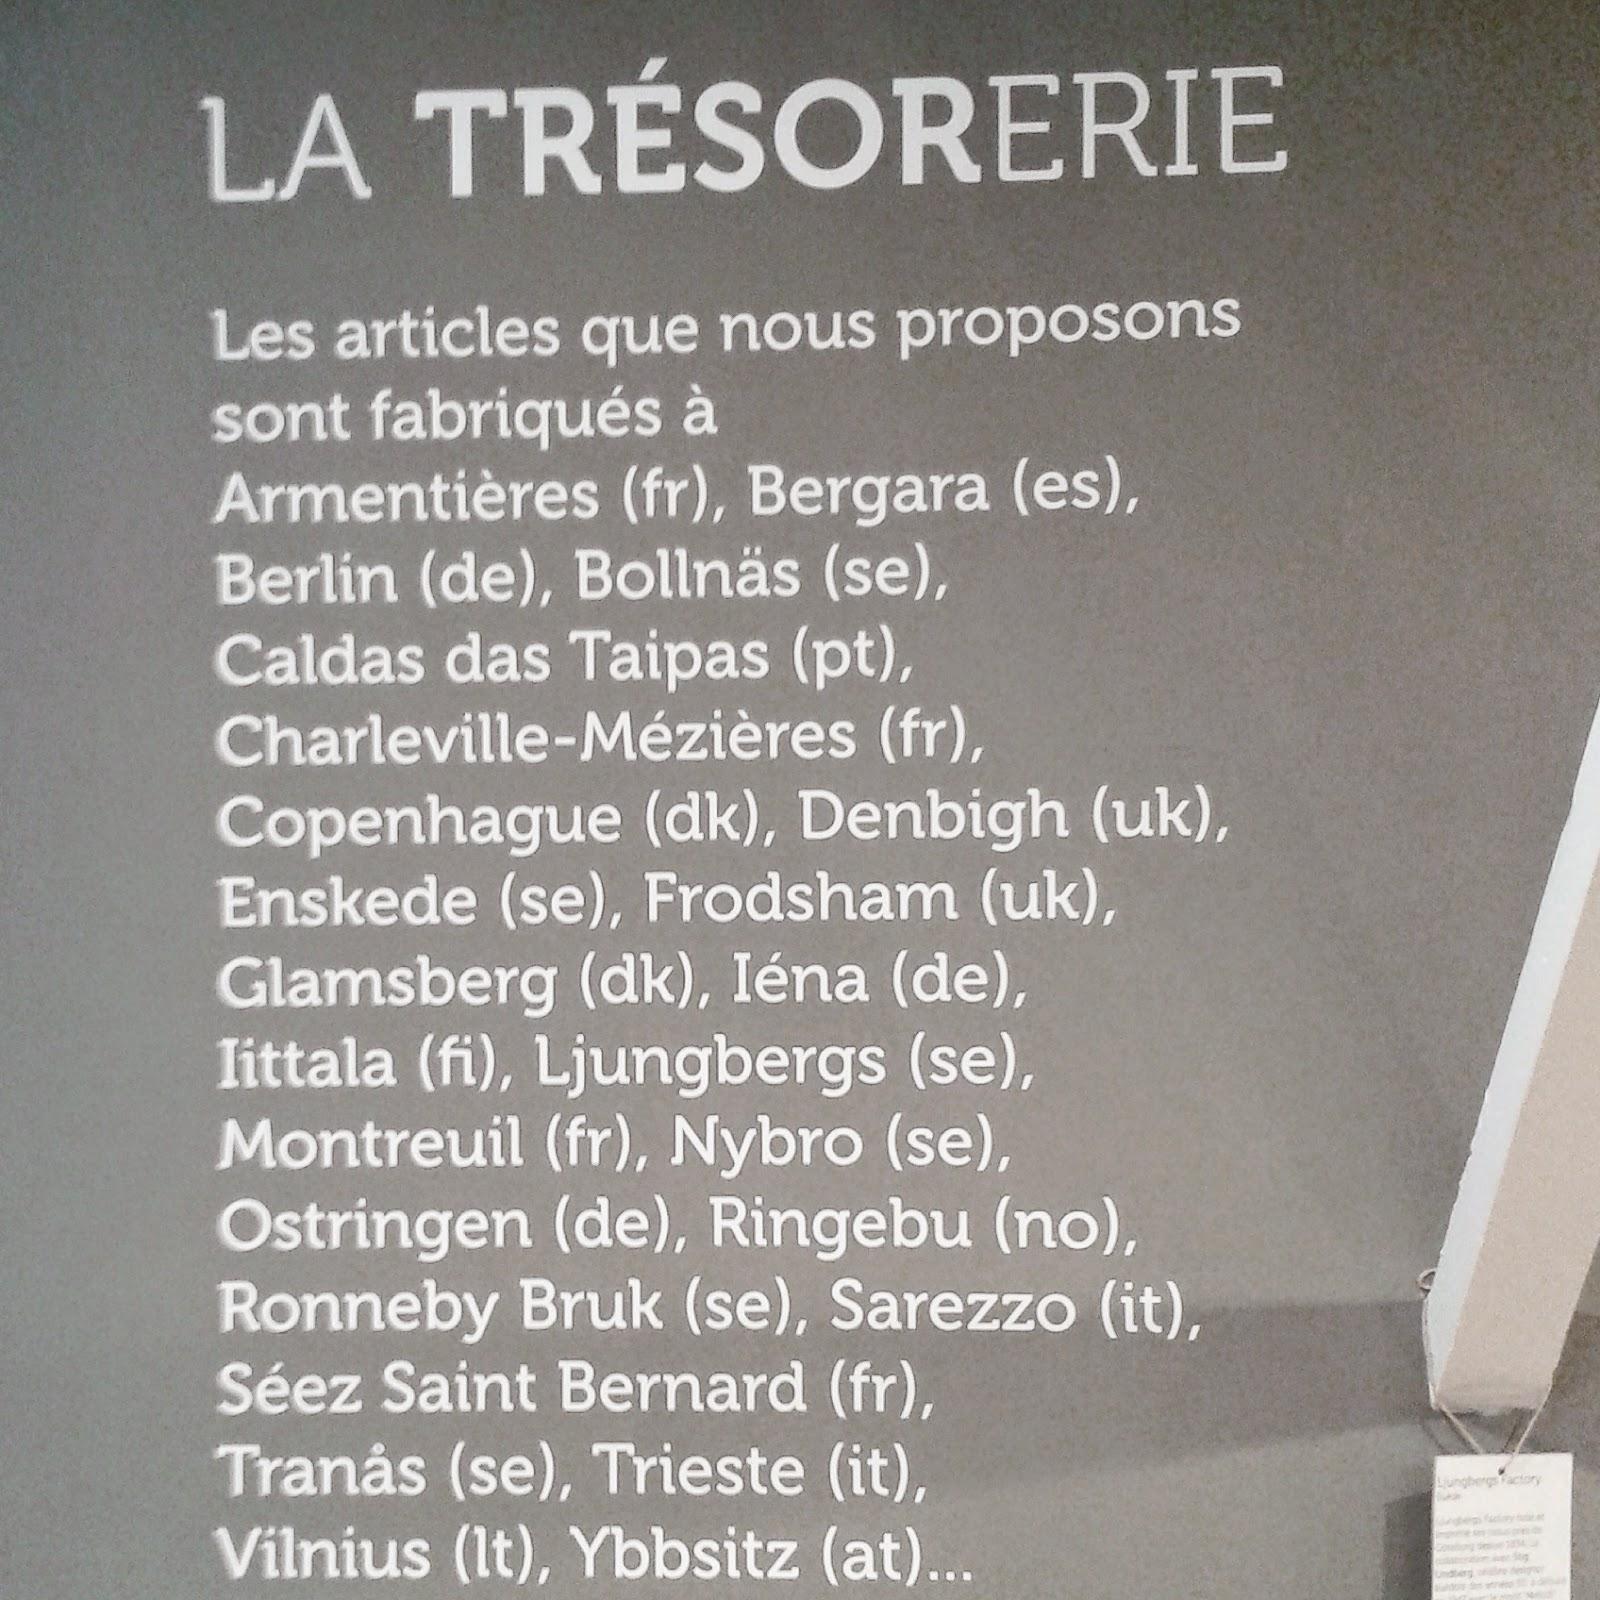 Crédit Photo Atelier rue verte / La Trésorerie /